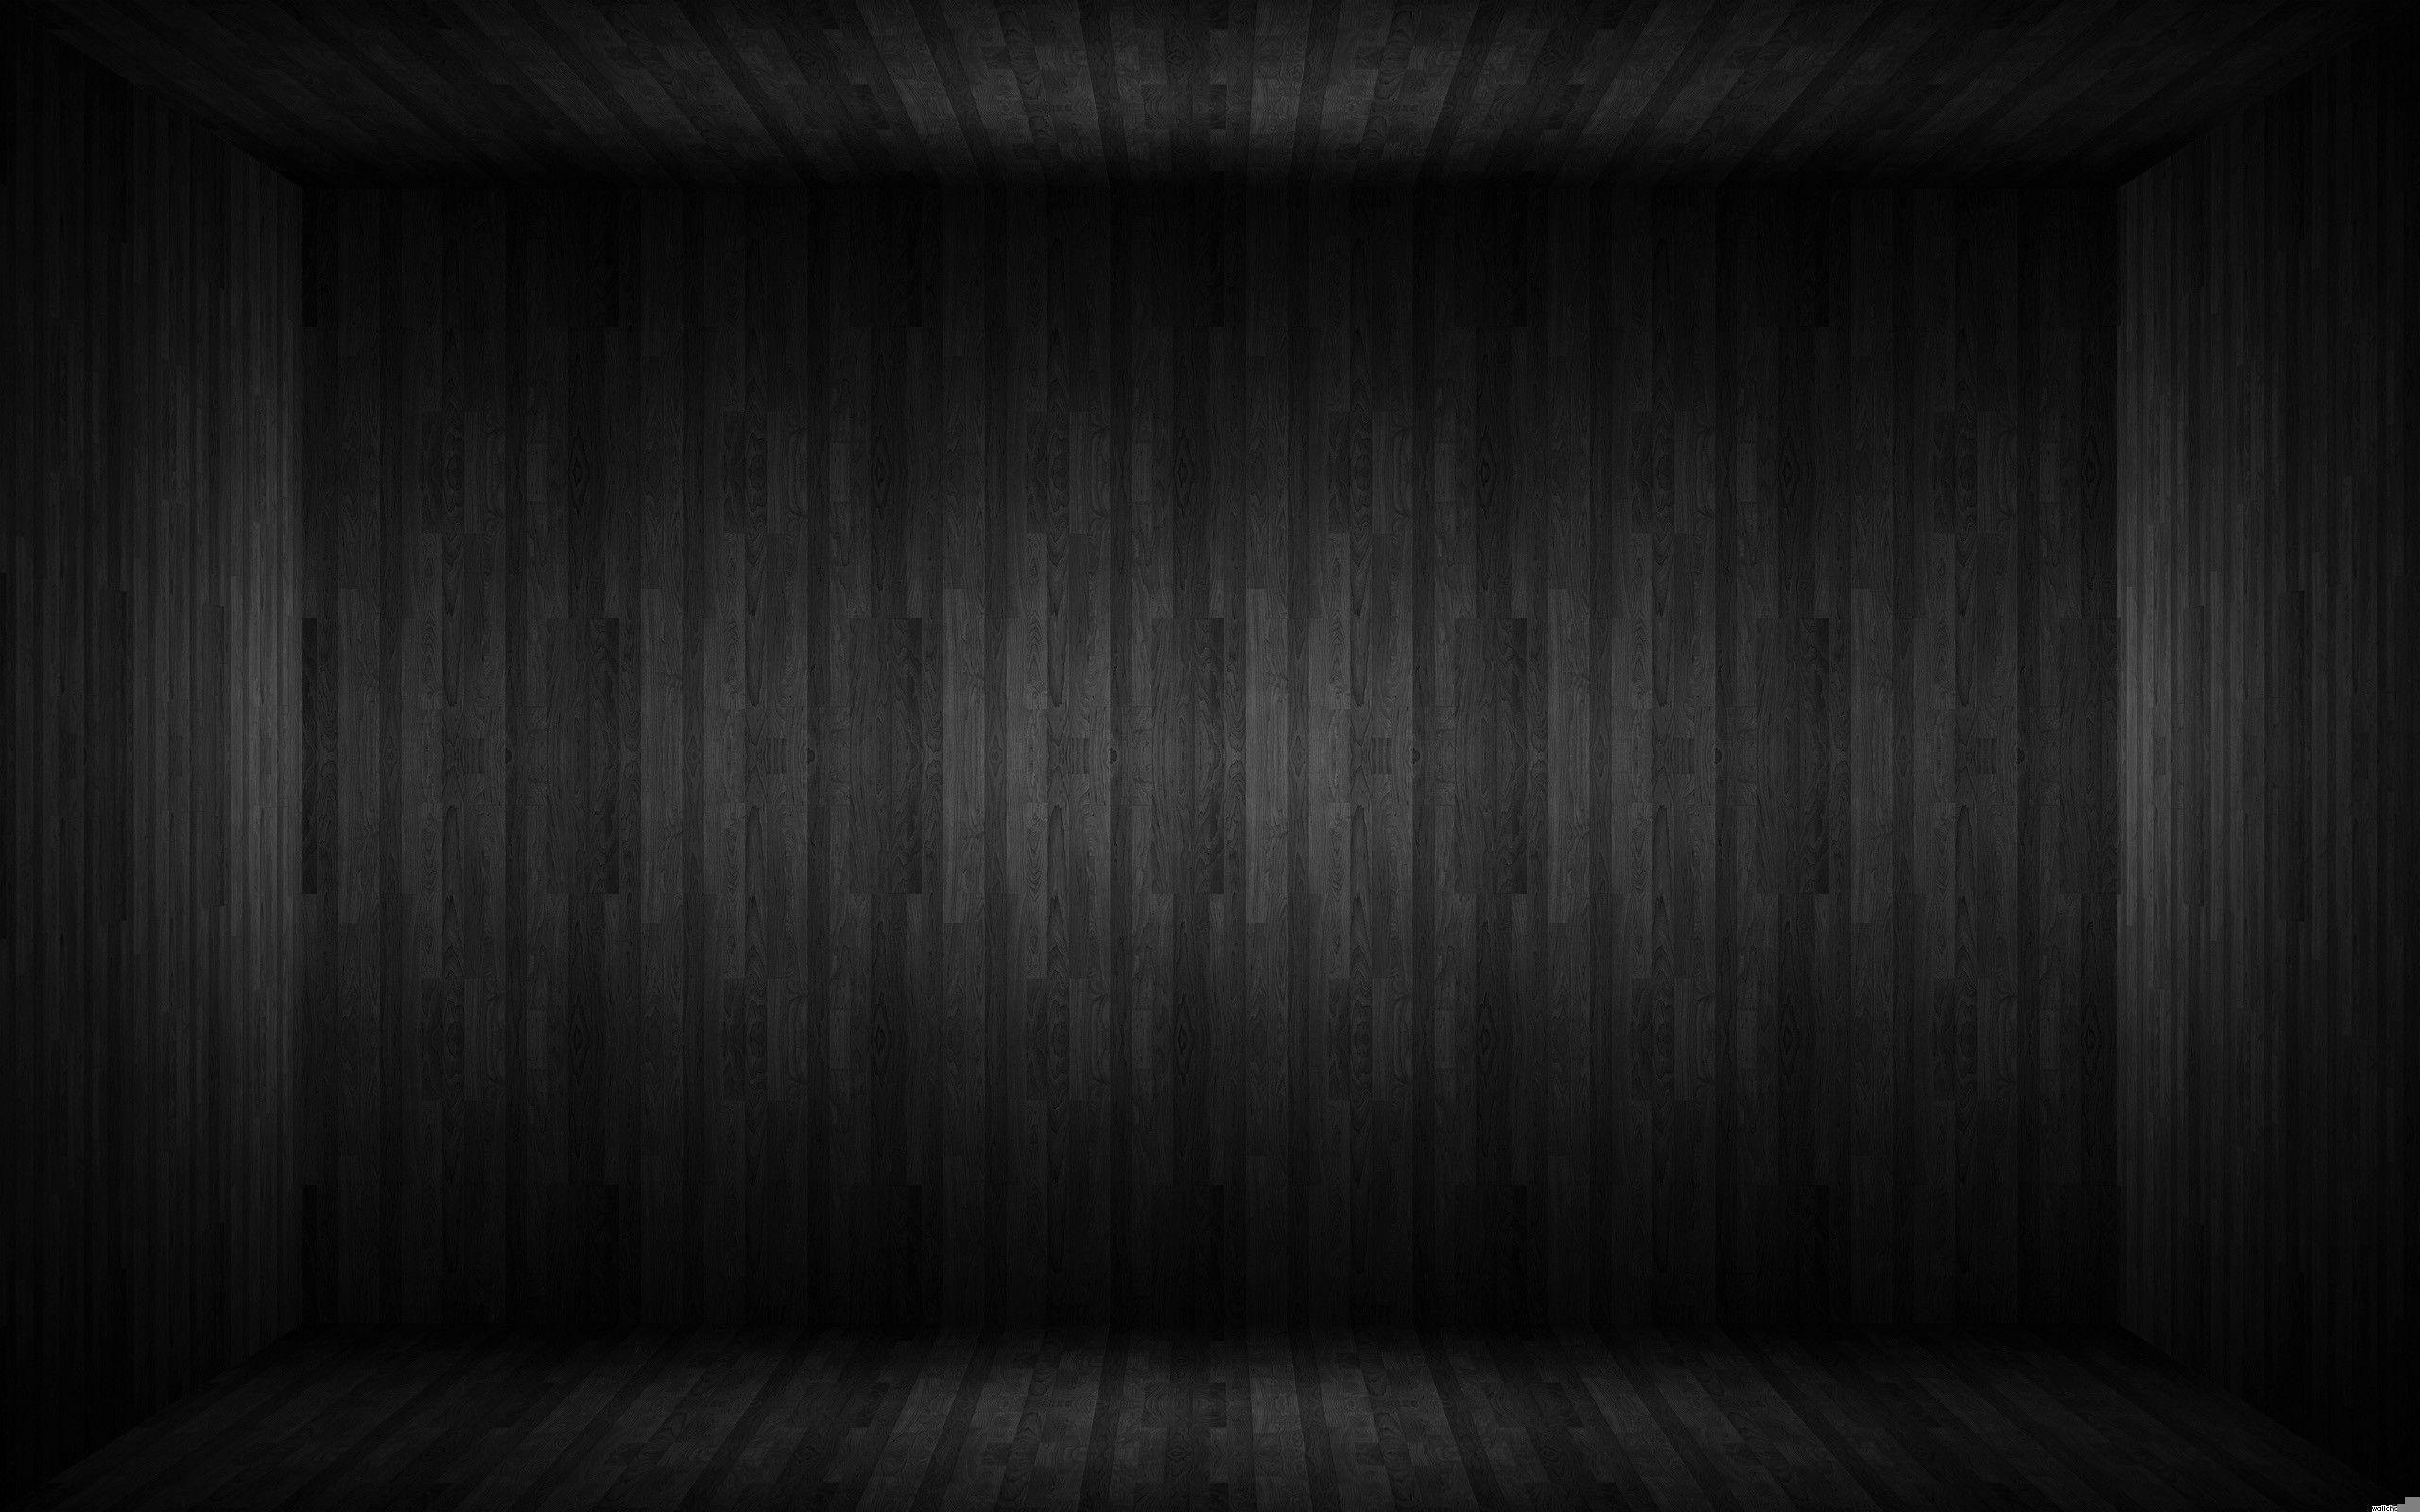 Black 3D Background (73+ images)